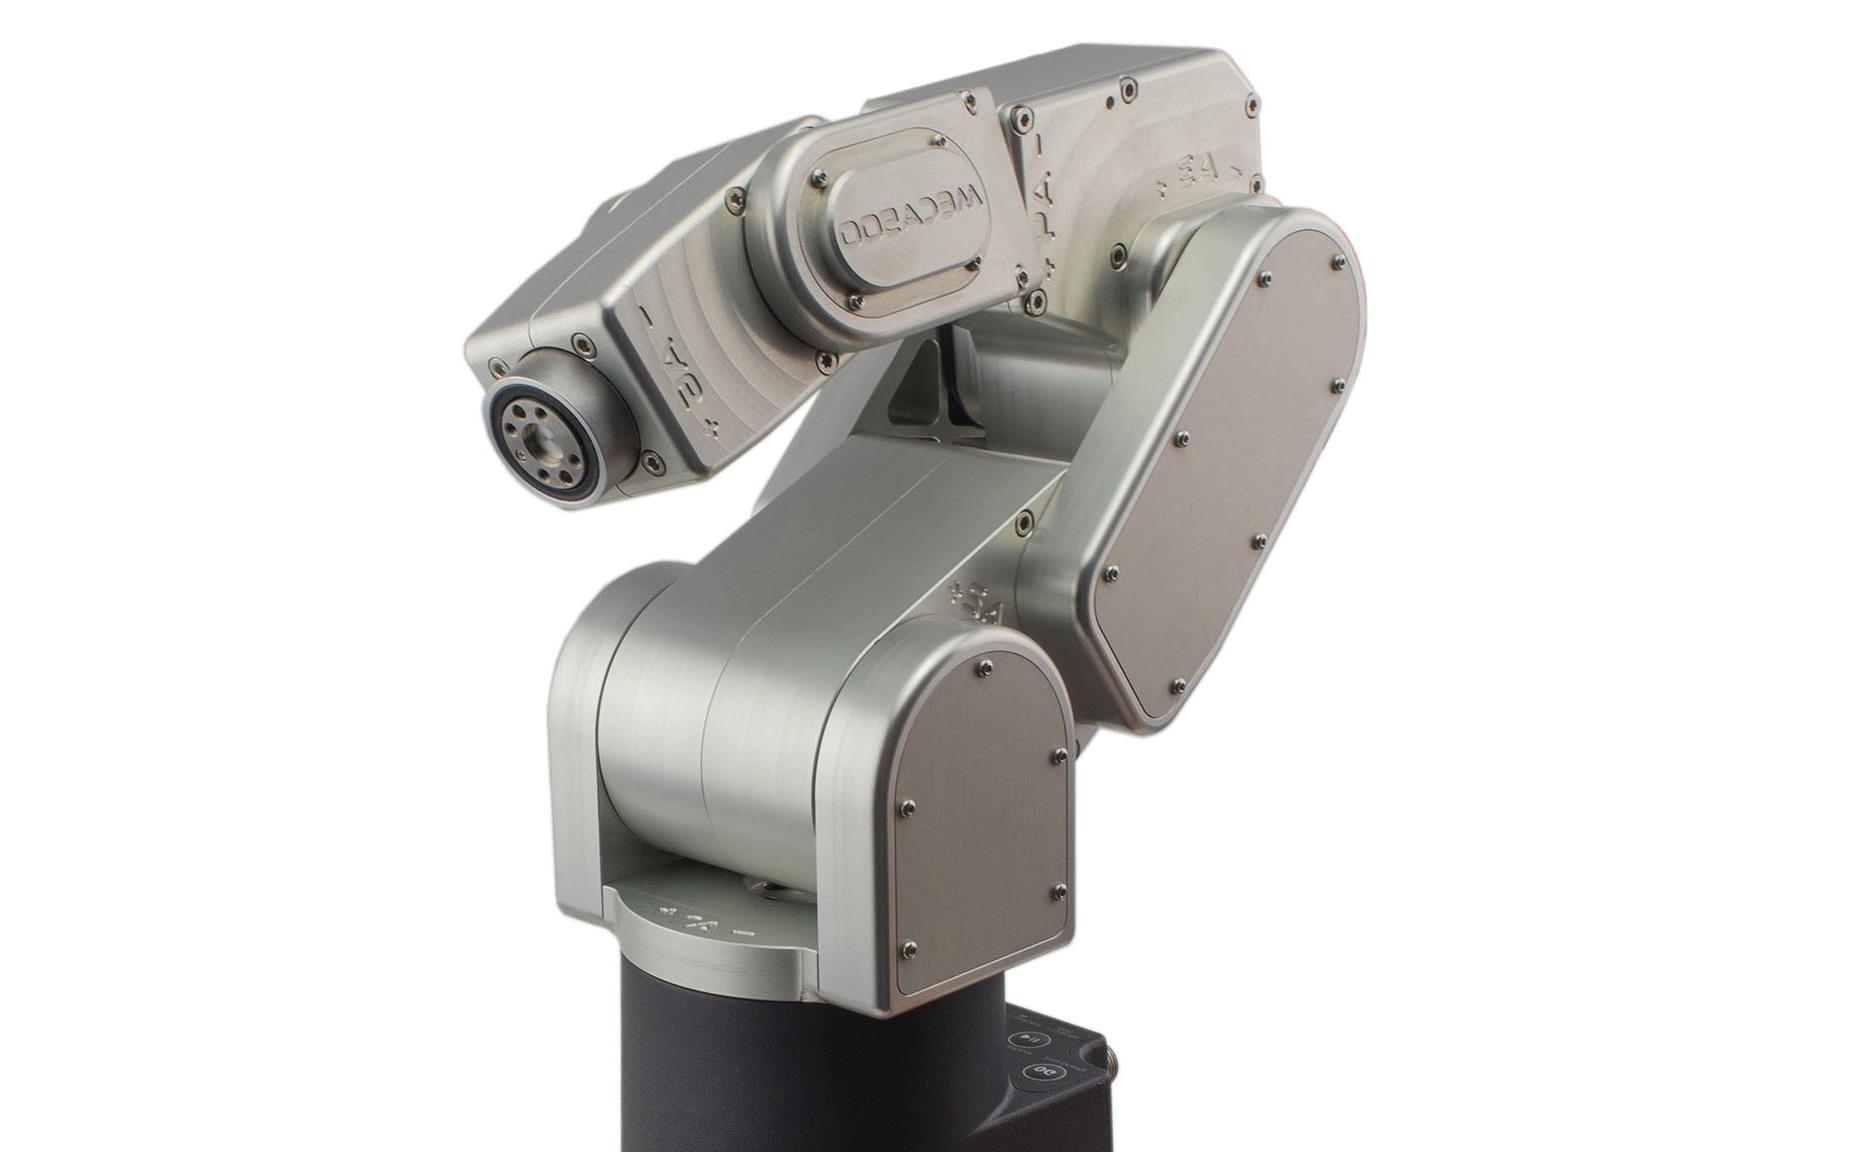 Meca500 najmniejszy robot świata